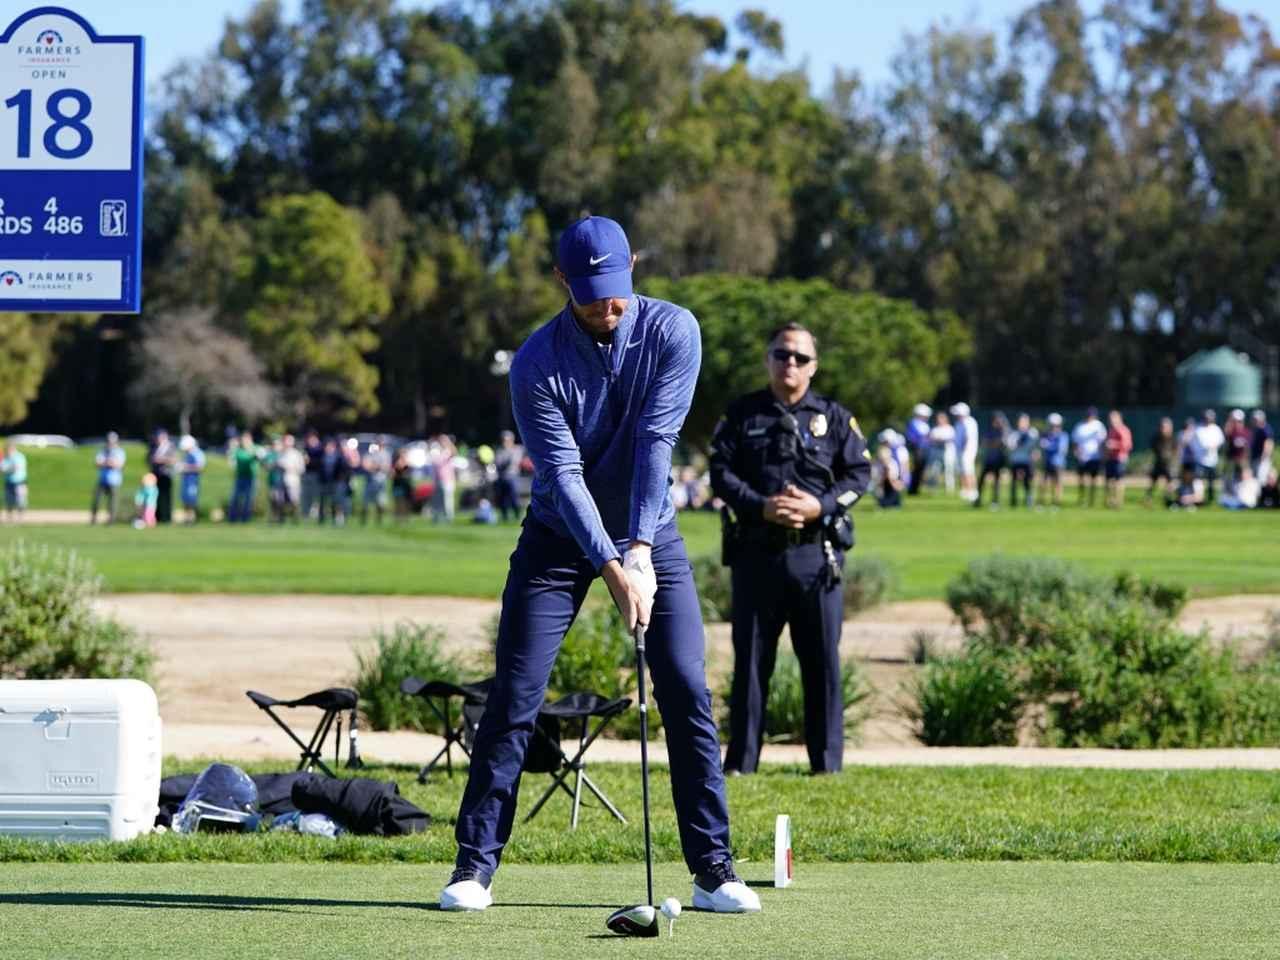 画像37: 【ギア研究】PGAツアートップ選手のレプリカドライバーを組んで打った。「運命のシャフトとヘッド」見つけ方